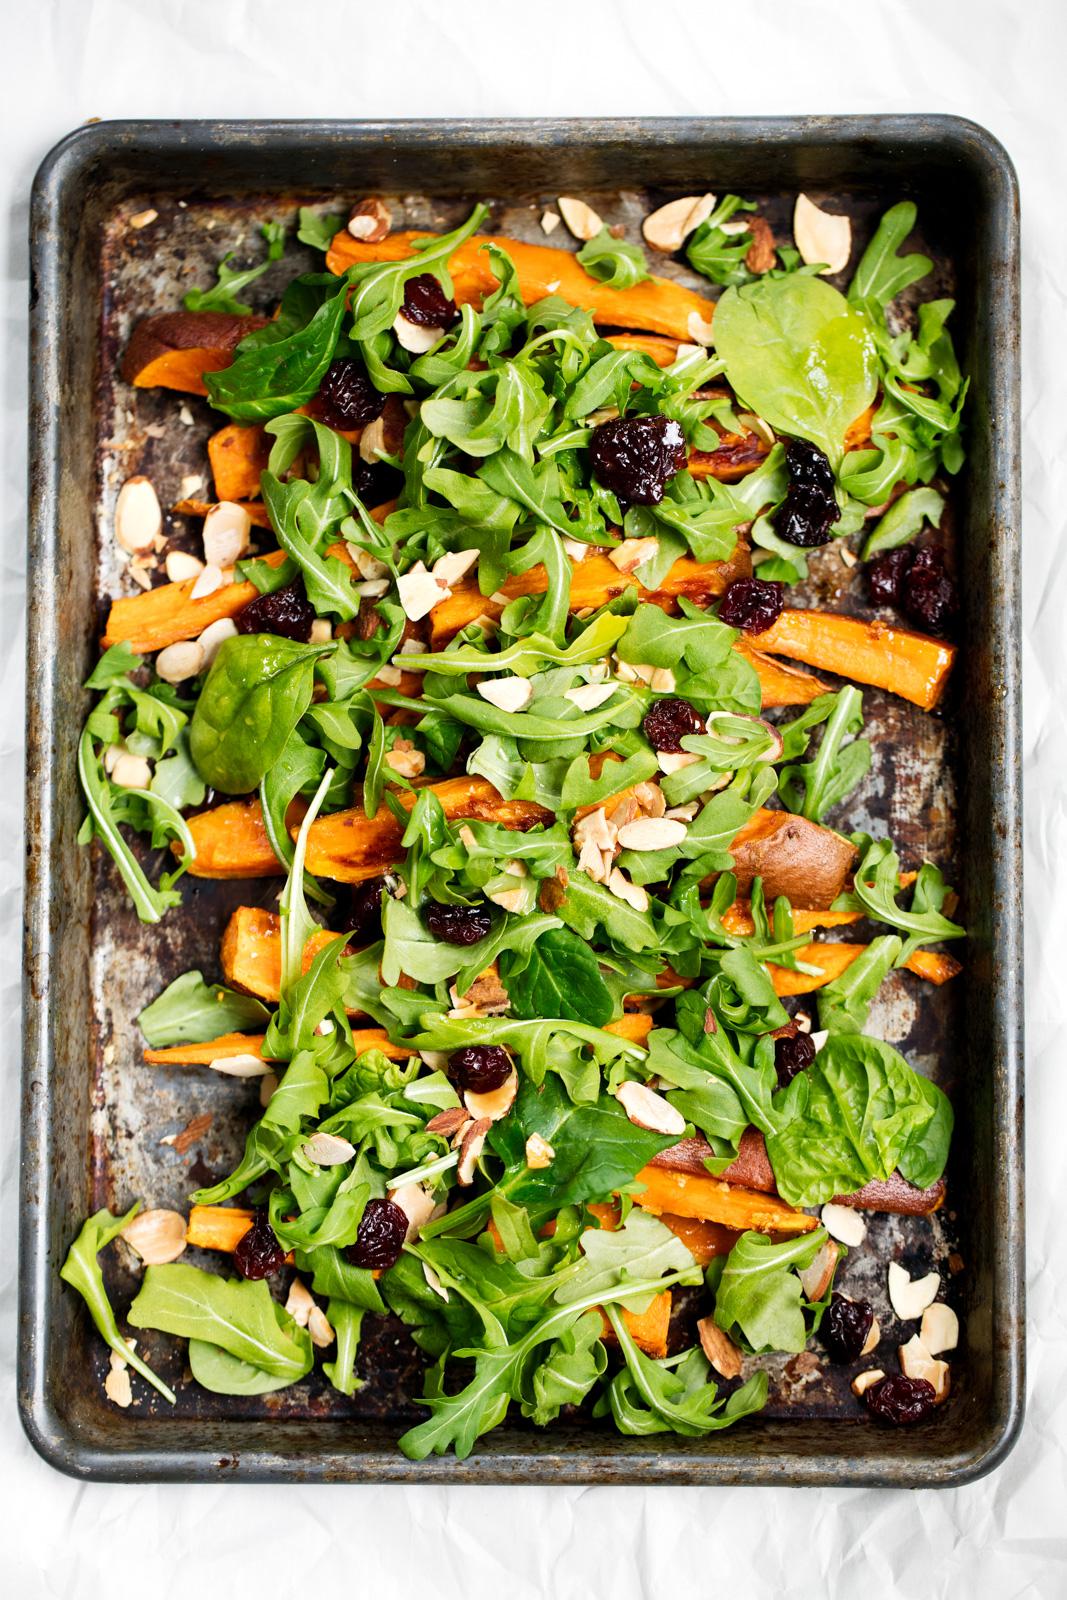 sweet potato arugula salad on a baking sheet